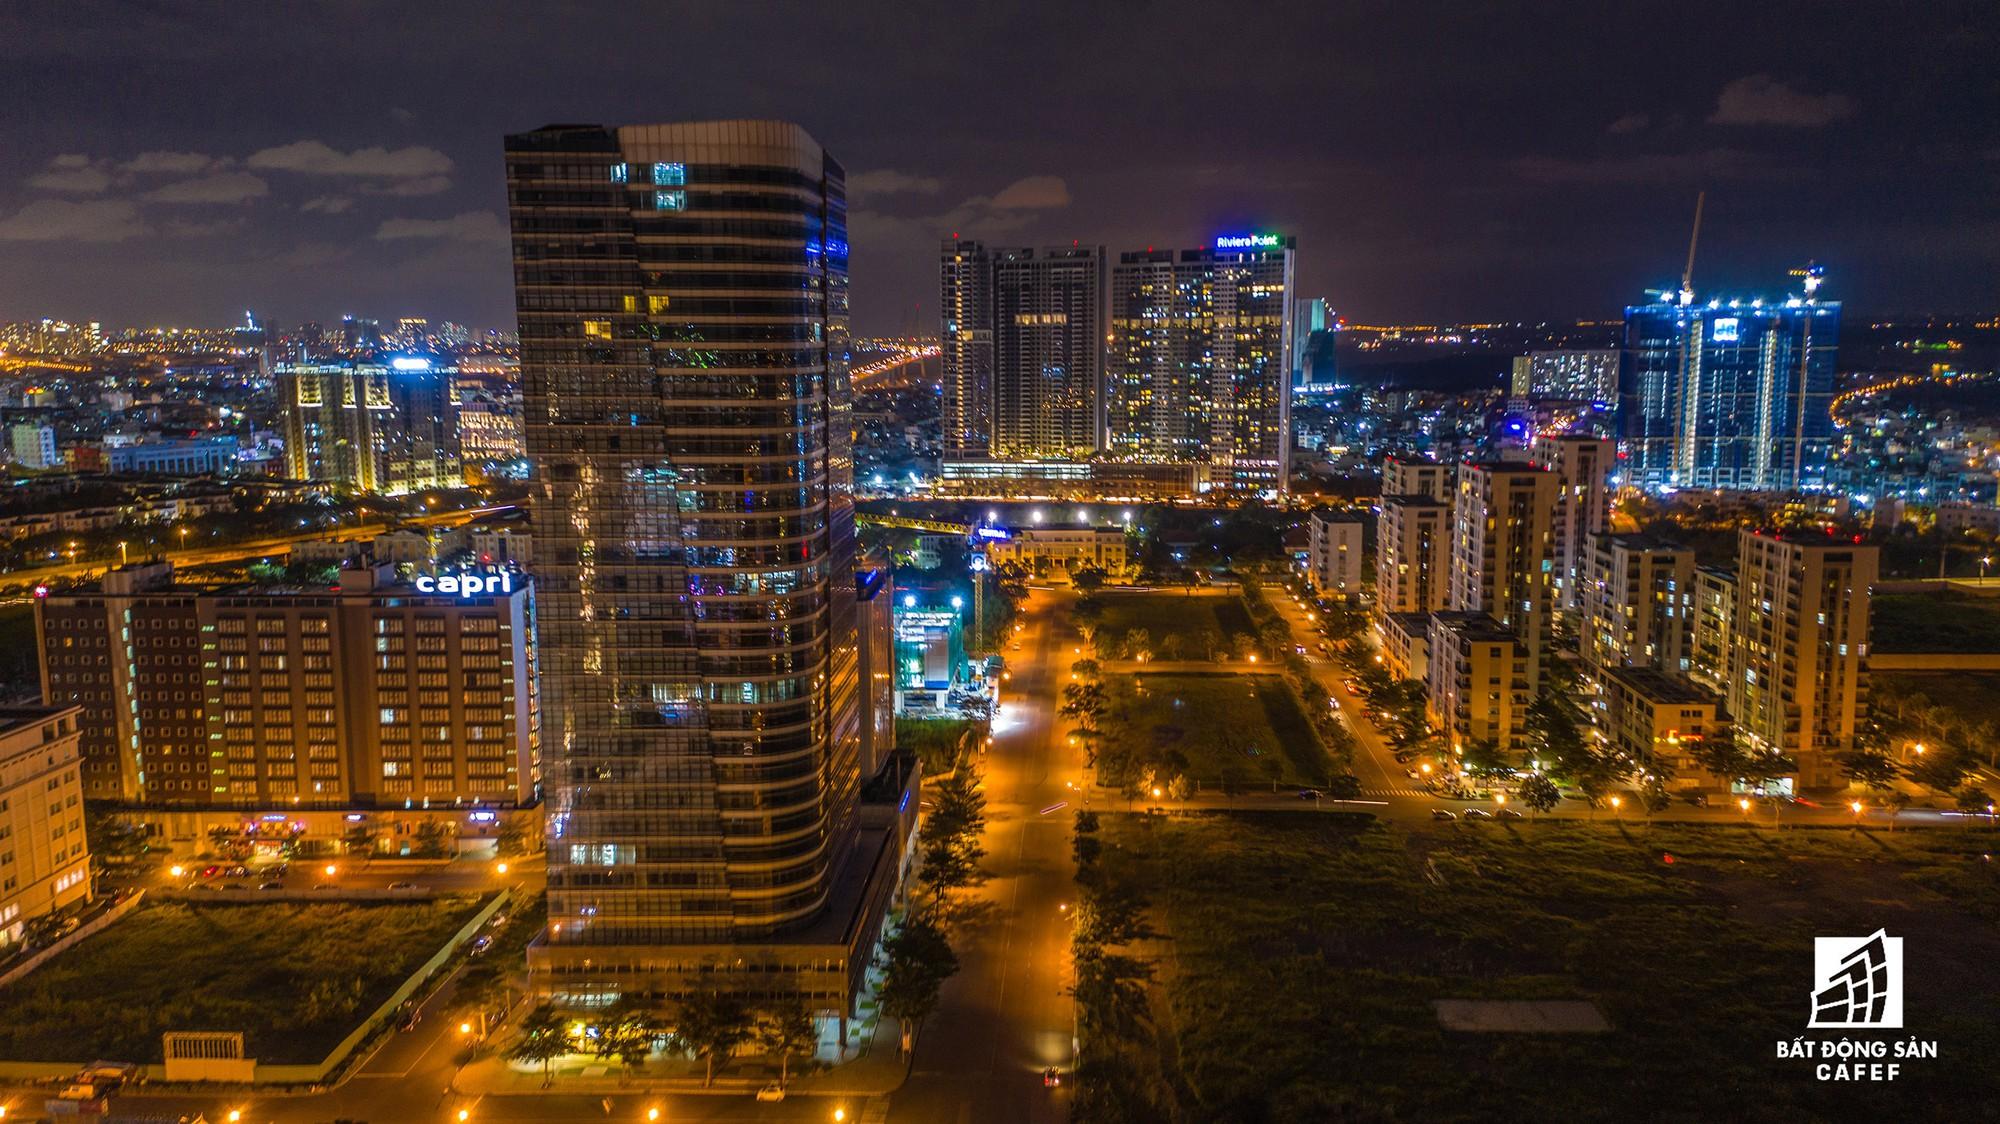 Có một trung tâm tài chính tại khu Nam Sài Gòn - Nơi giá nhà tăng chóng mặt - Ảnh 20.